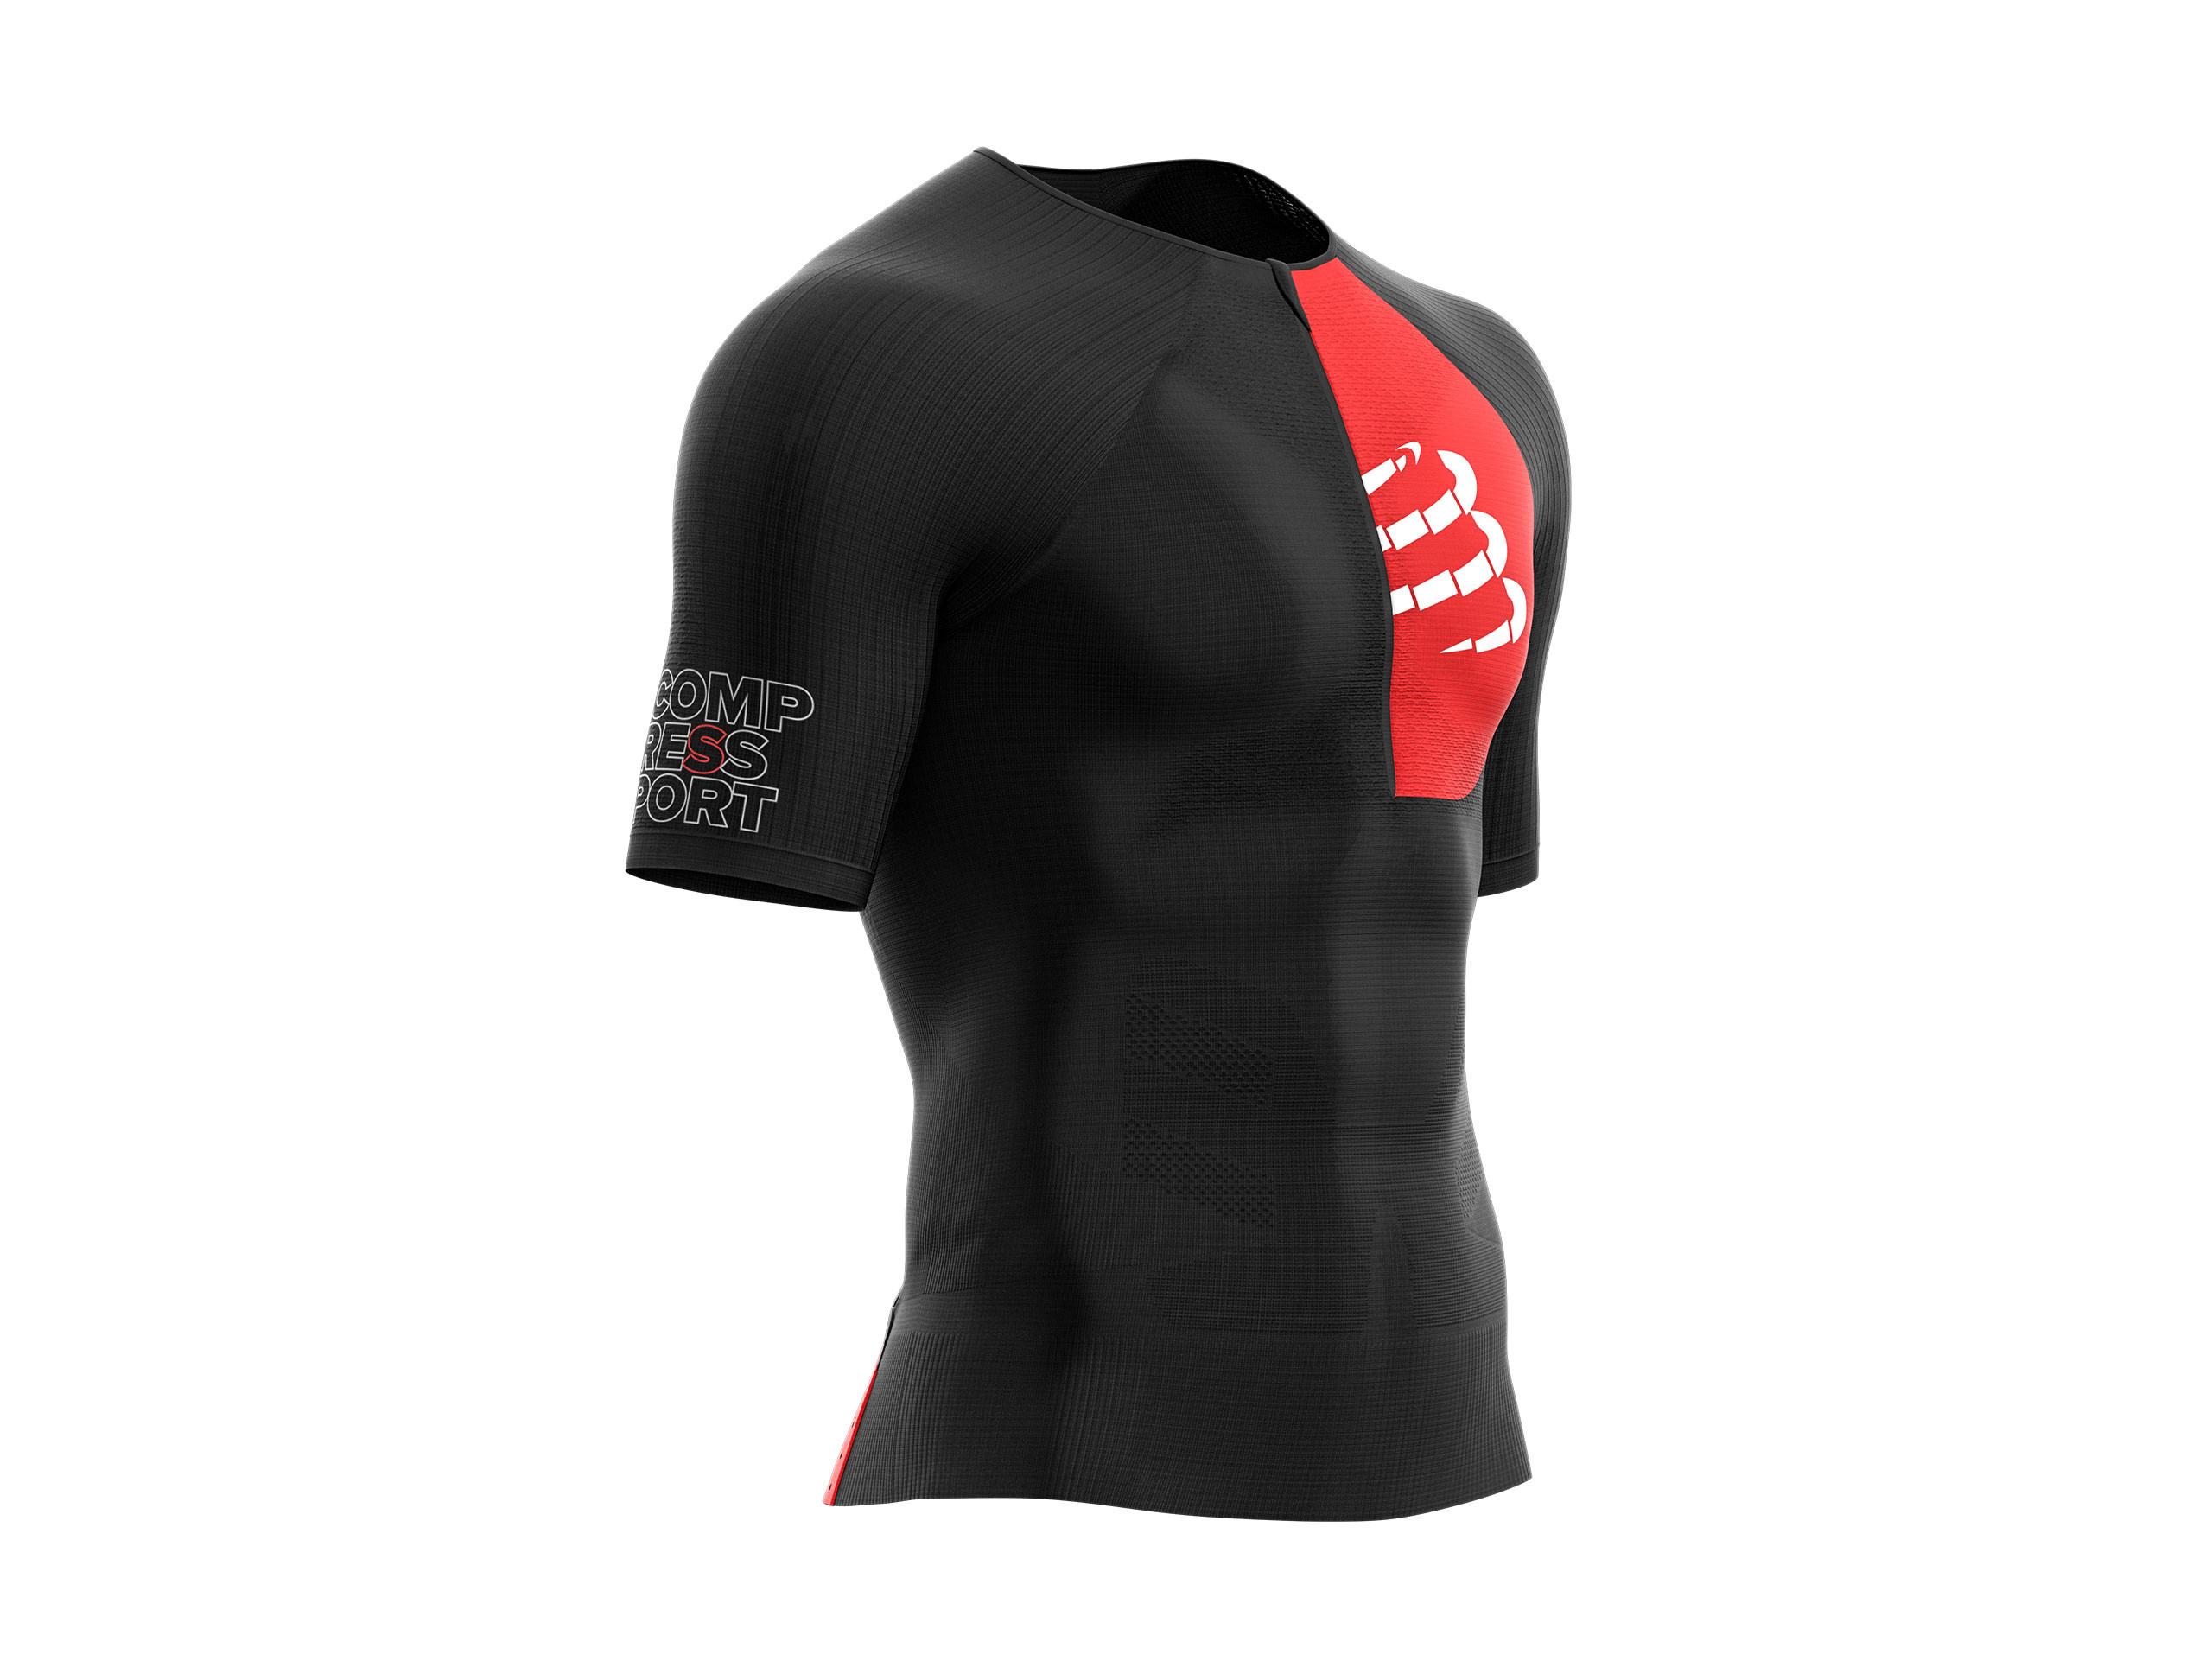 Maglia posturale da triathlon Aero SS nera